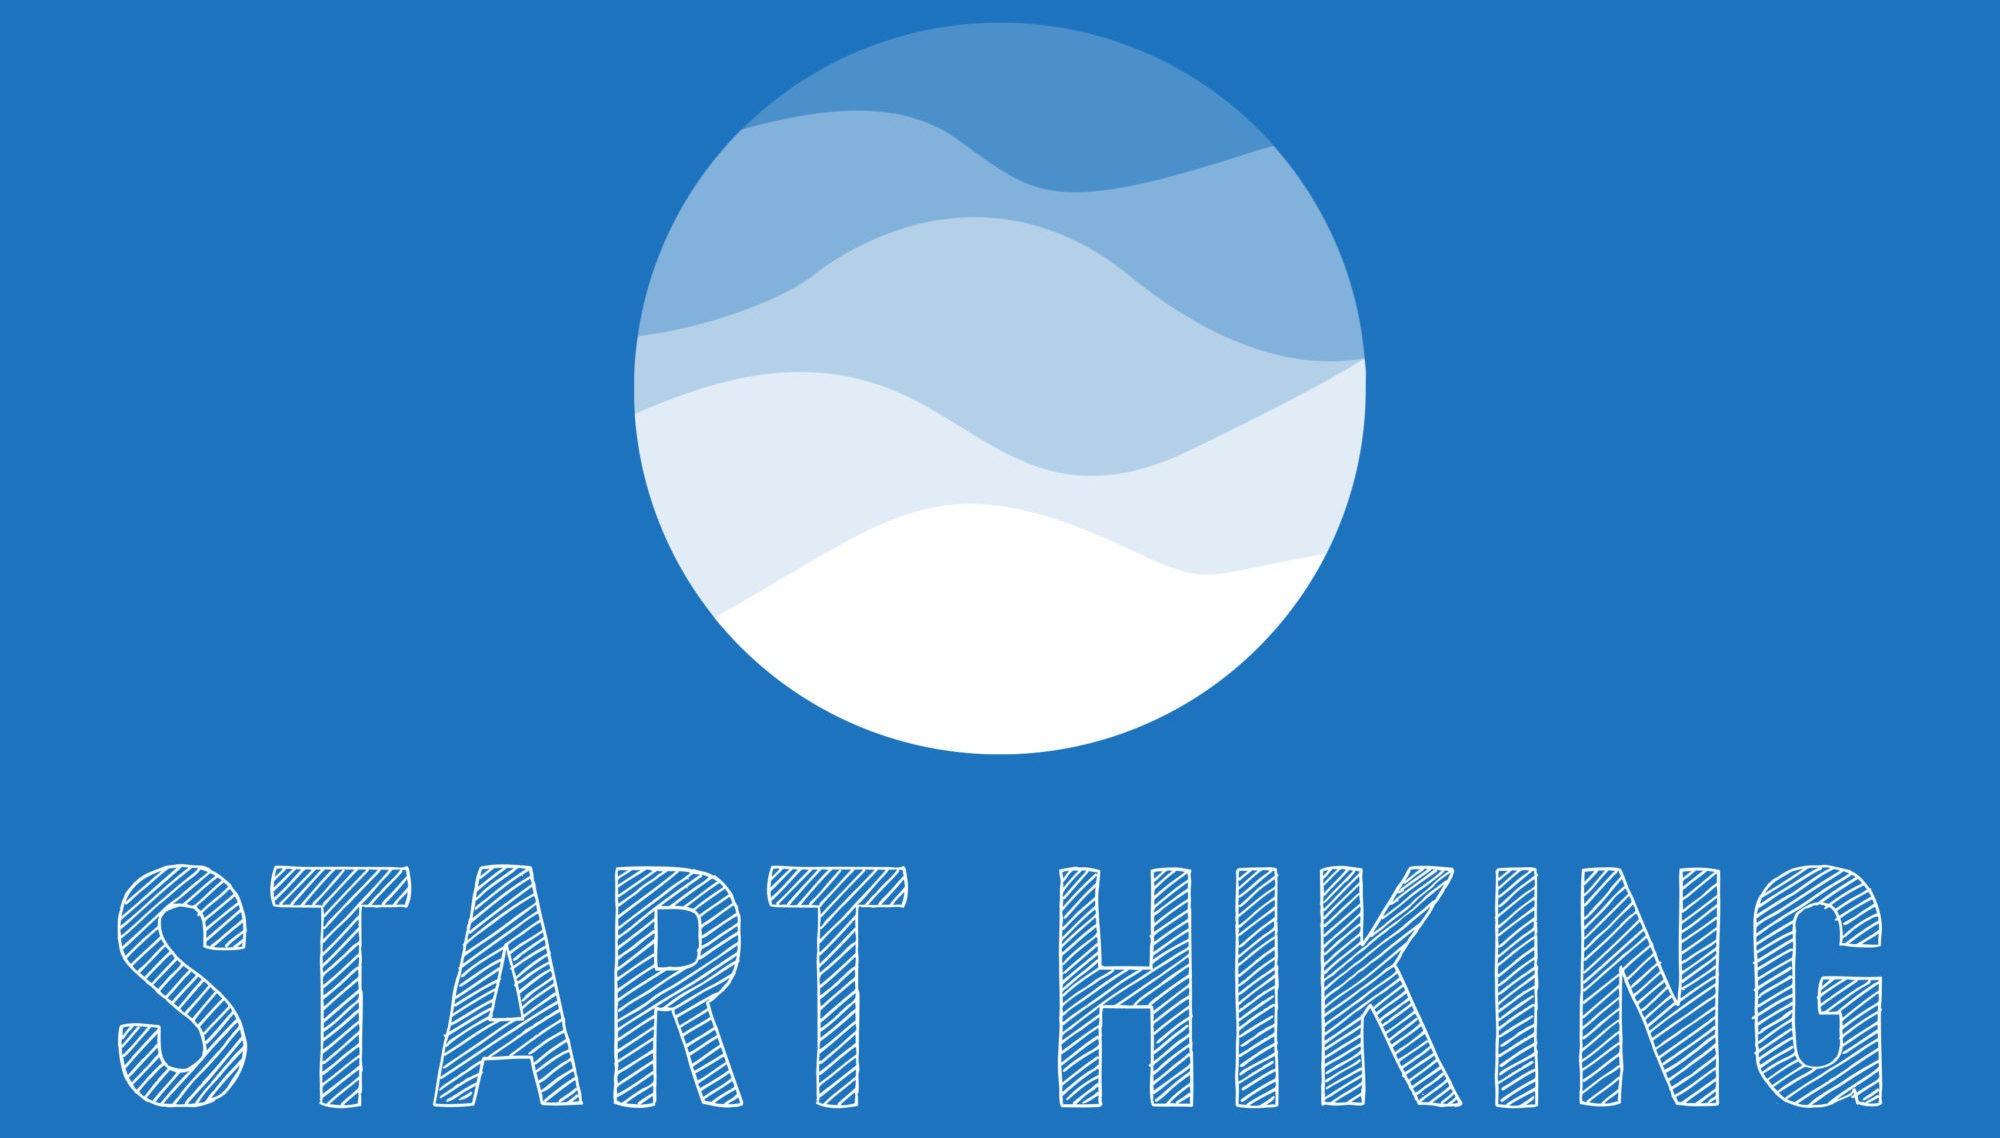 Start Hiking